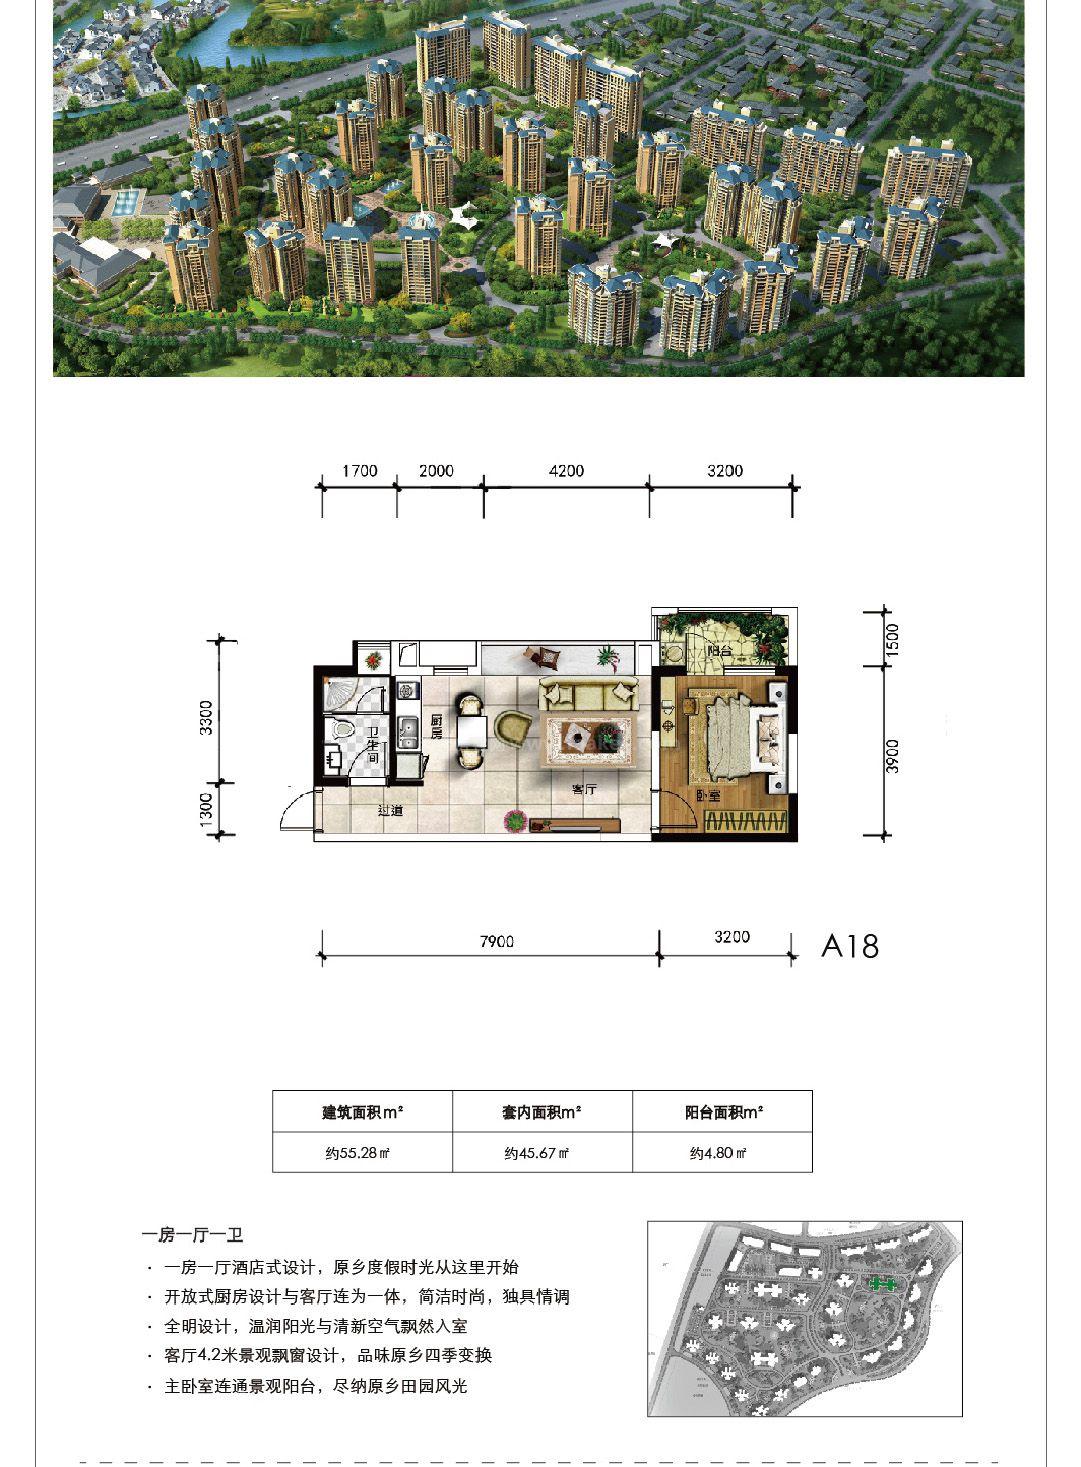 山居高黎洋房A18户型 1室1厅1卫1厨 建筑面积:55.28㎡